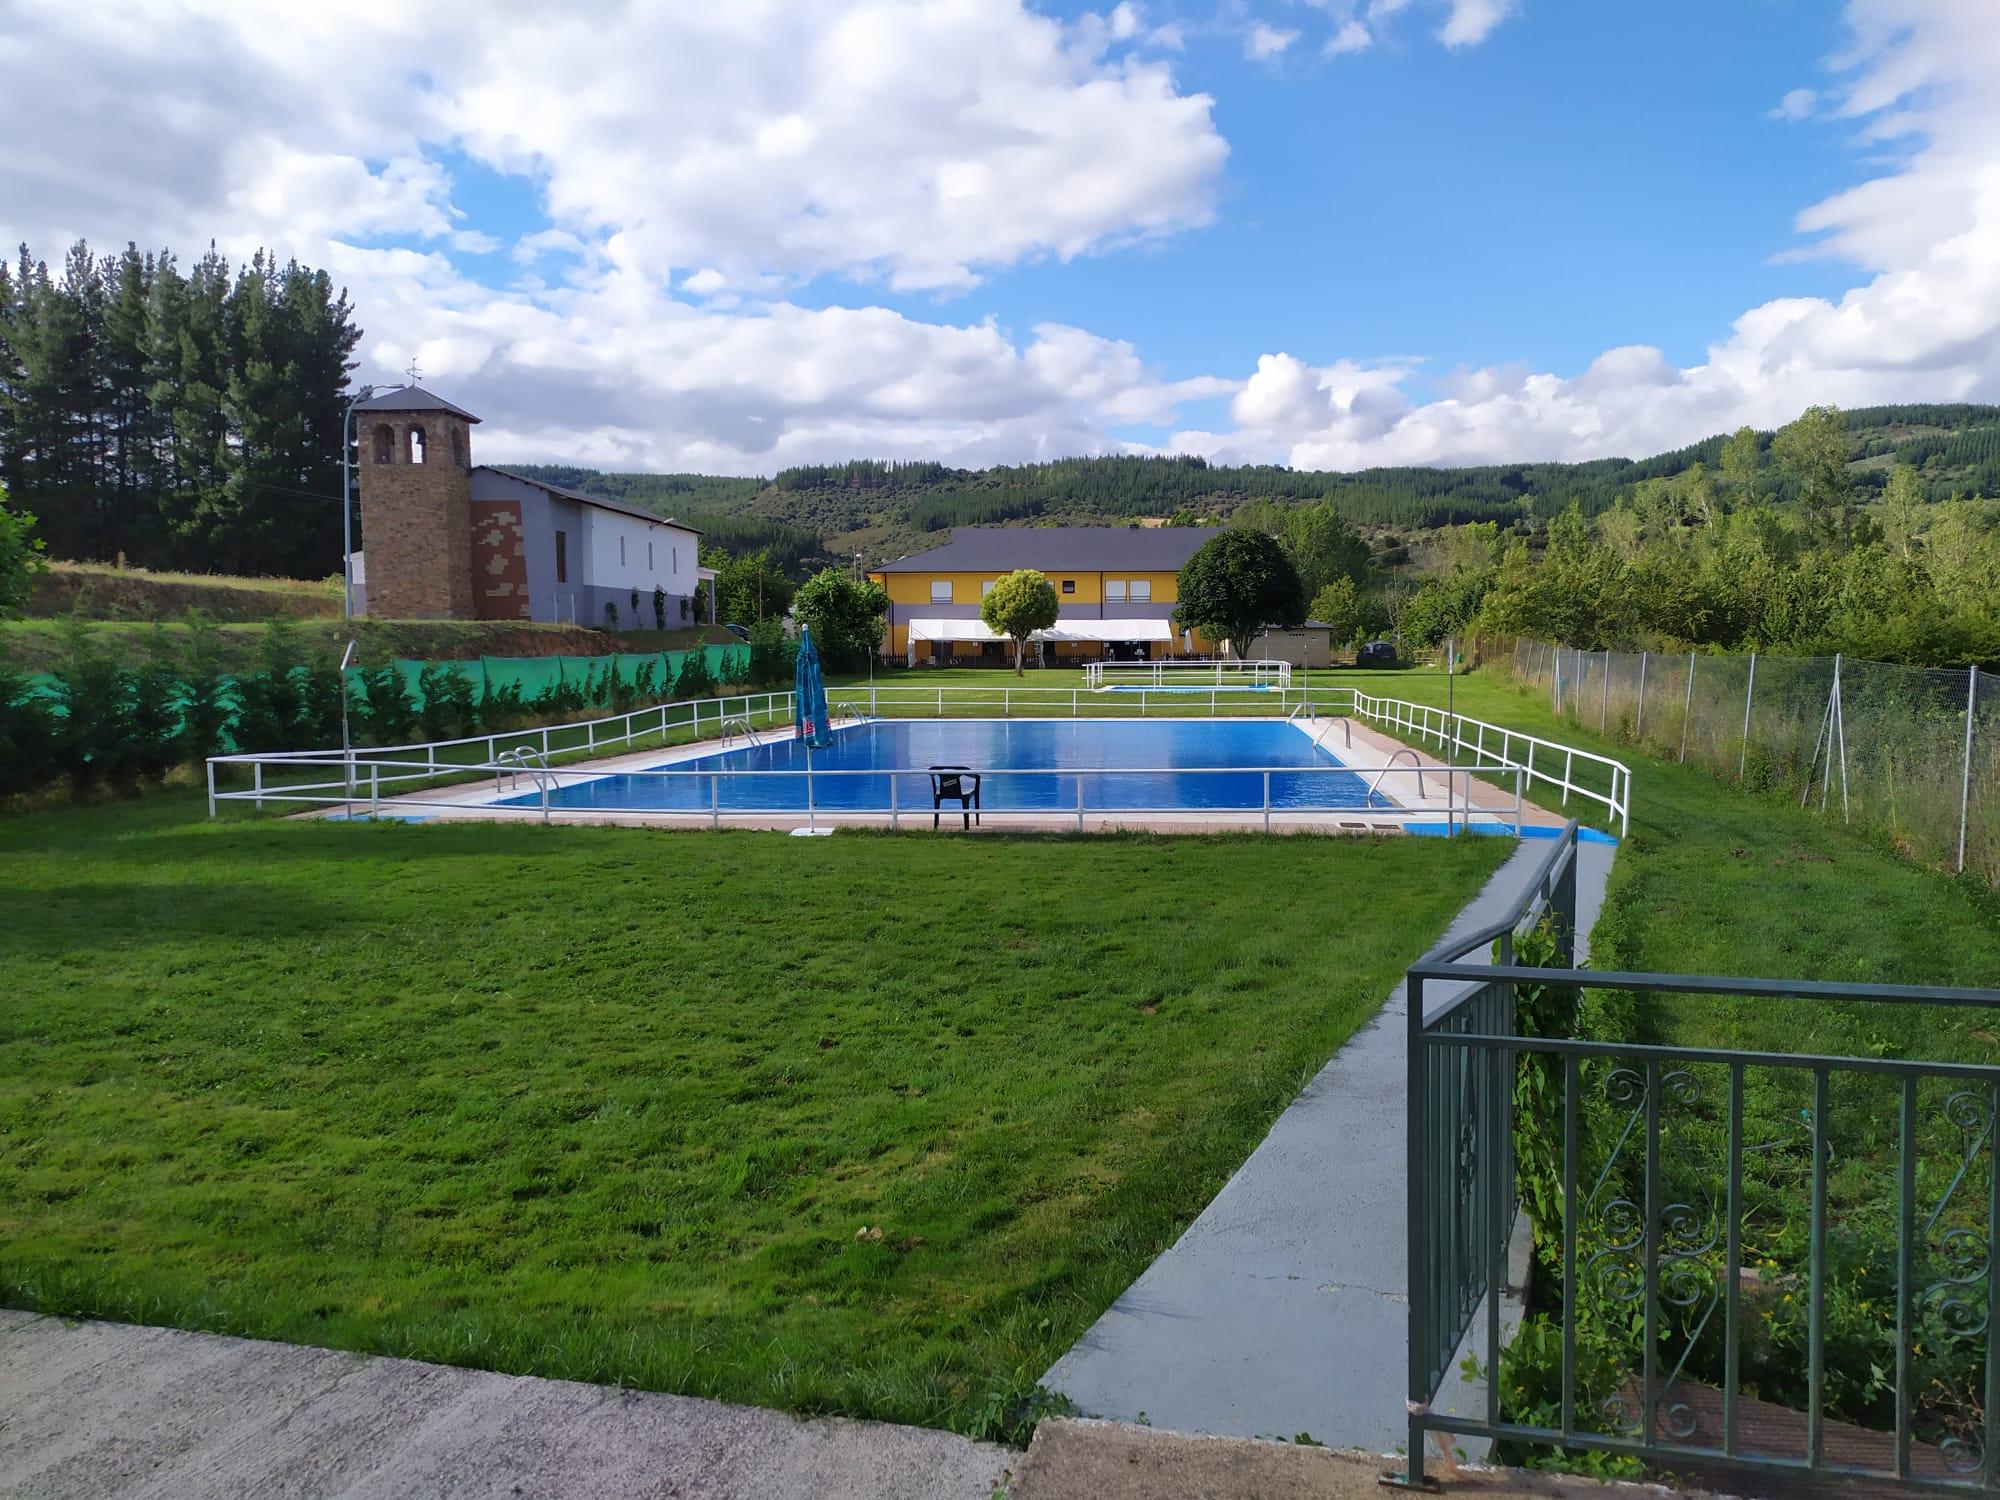 Especial piscinas que no te puedes perder en El Bierzo este verano 12